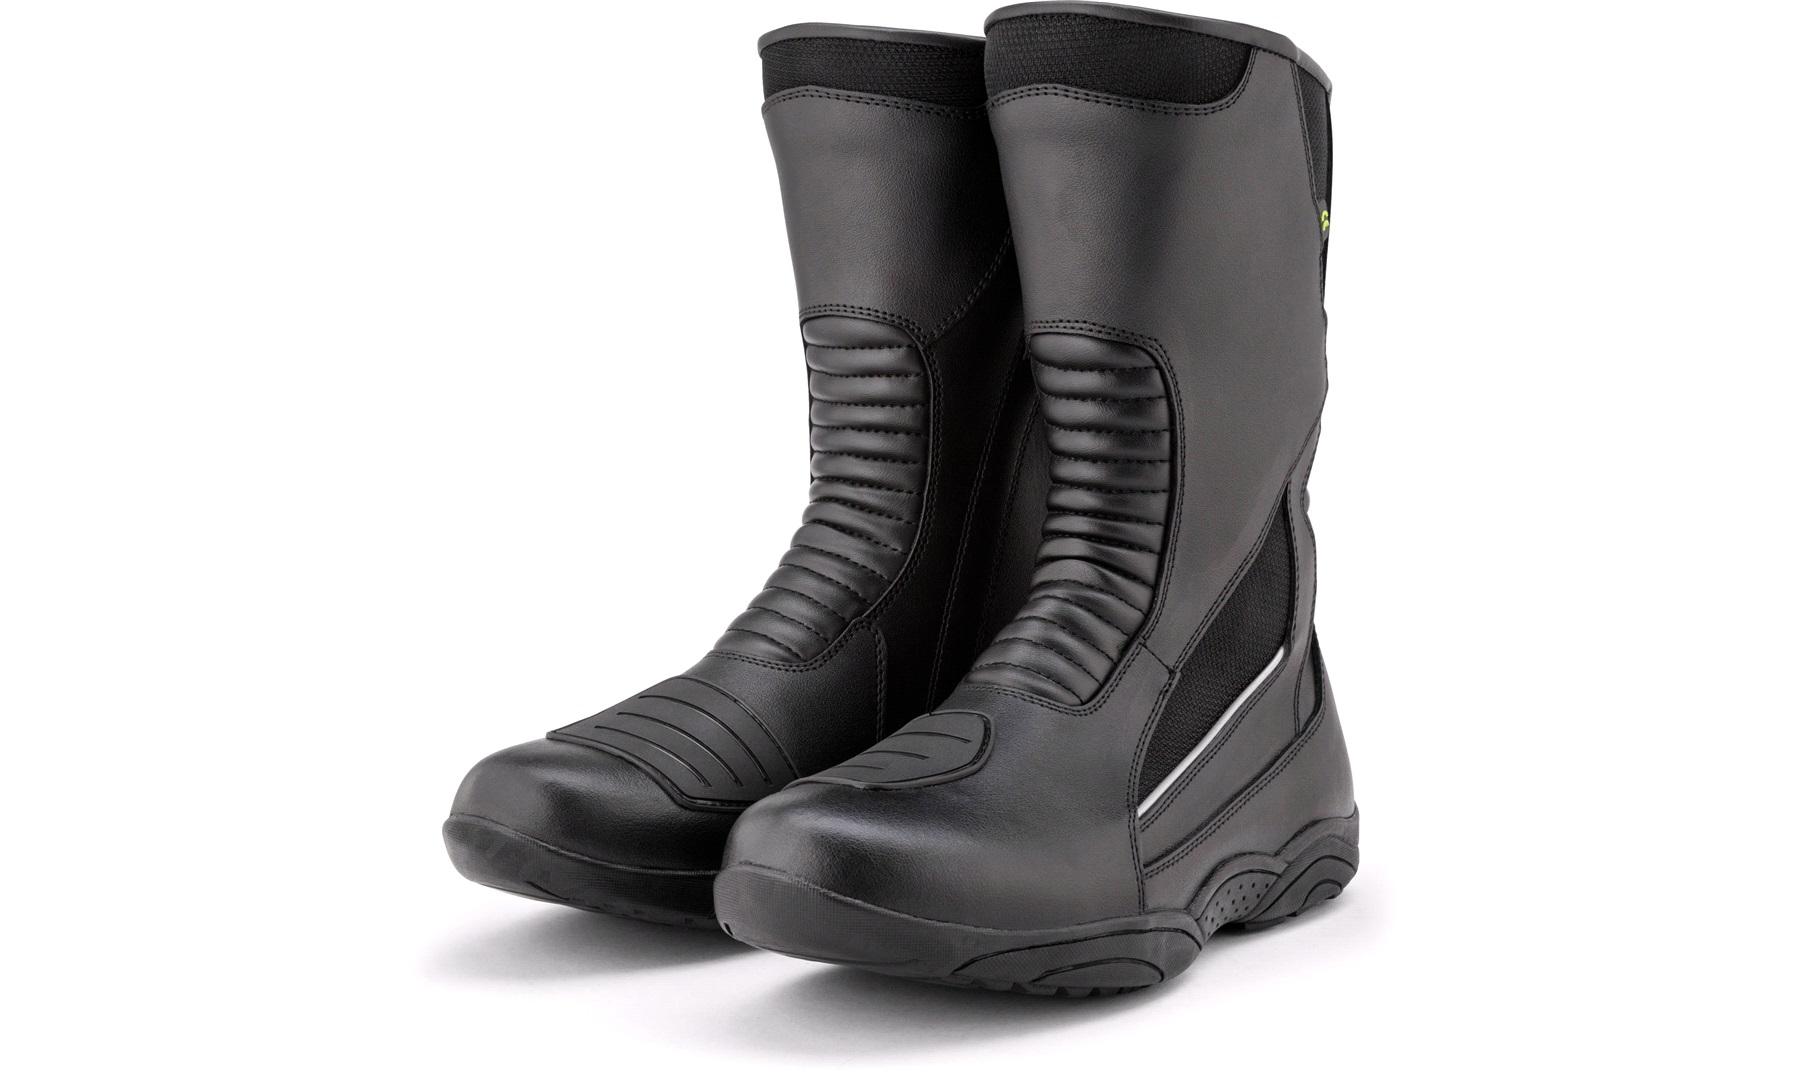 Ozone MC støvler, vanntett, str. 42 MC støvler høy